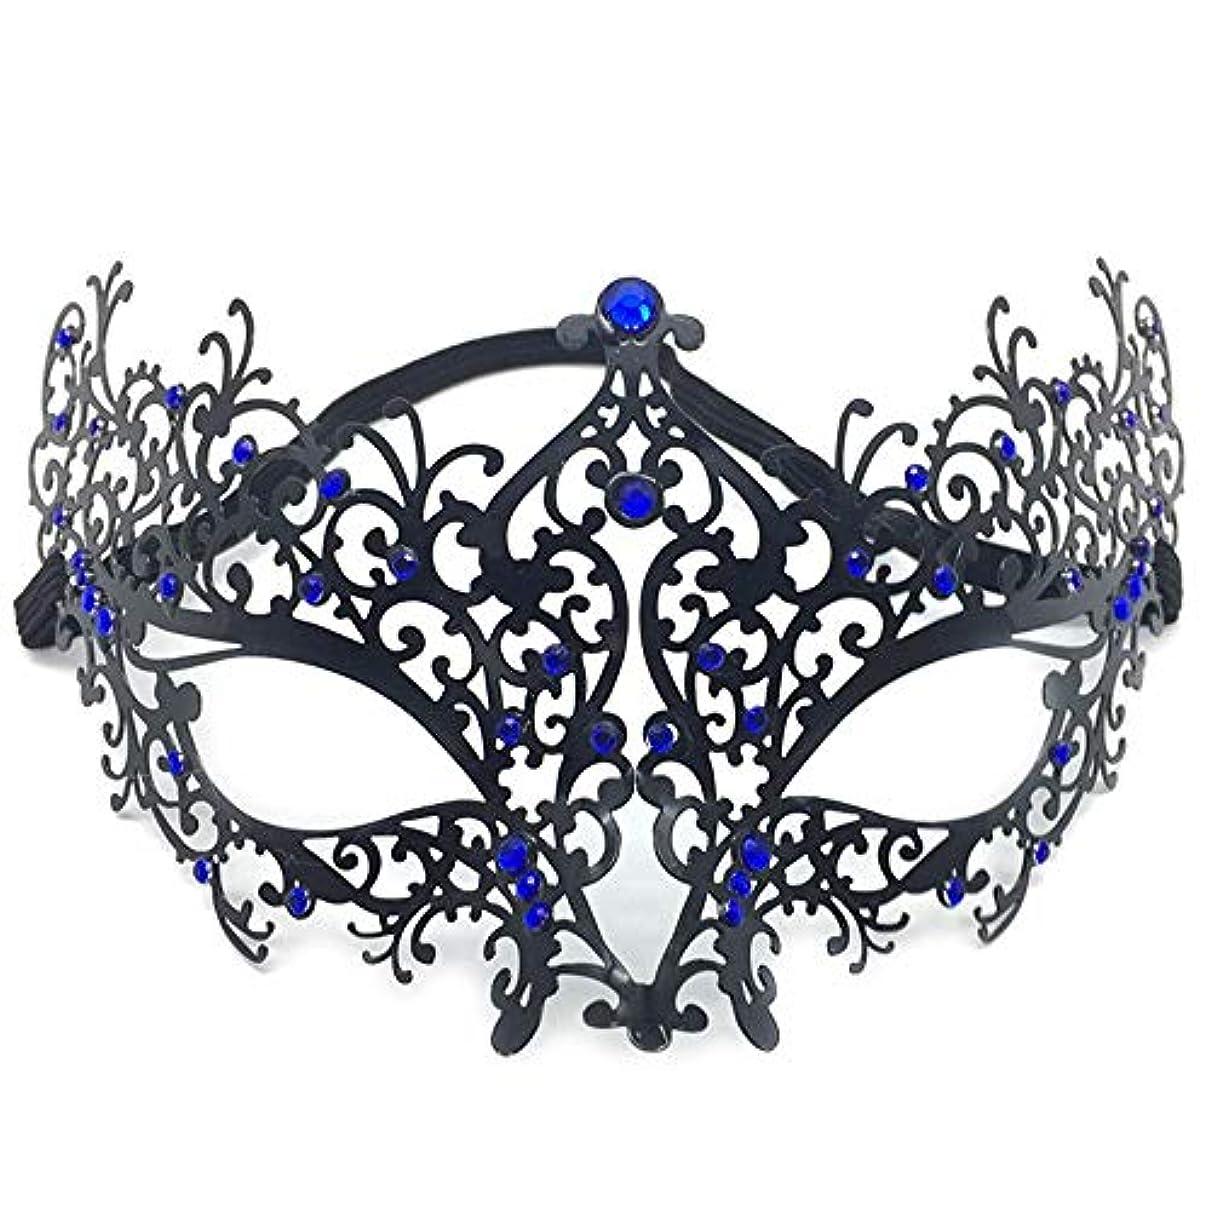 ファンネルウェブスパイダーばかと闘う仮面舞踏会アイアンマスクパーティーCOSはメタリックダイヤモンドハーフフェイスハロウィンアイアンマスクをドレスアップ (Color : B)